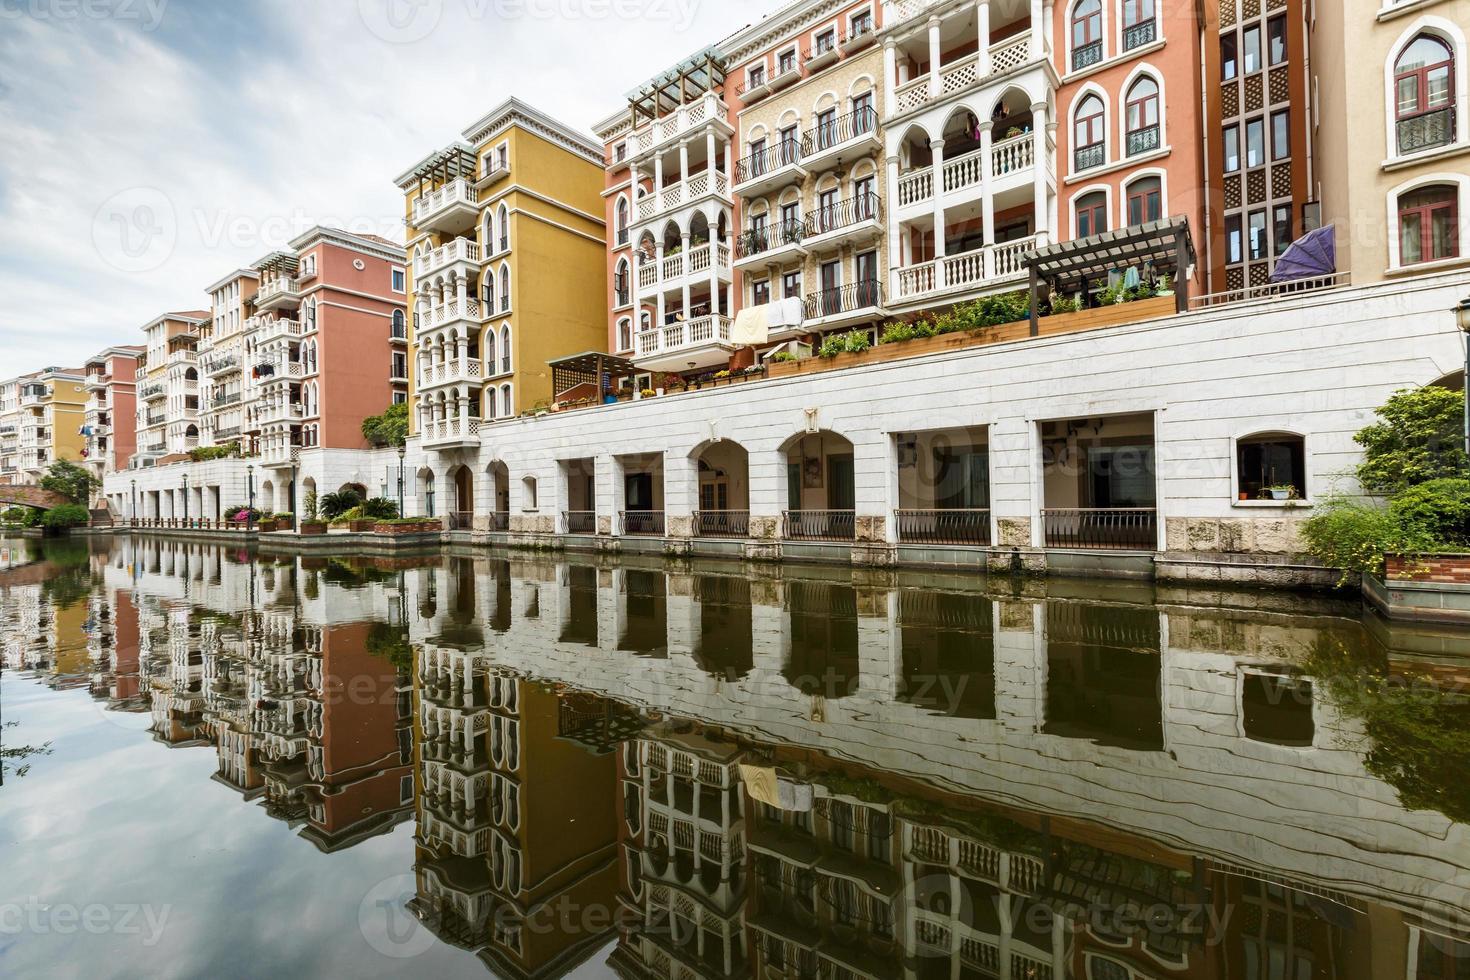 flatgebouwen in de voorsteden in hangzhou, China foto